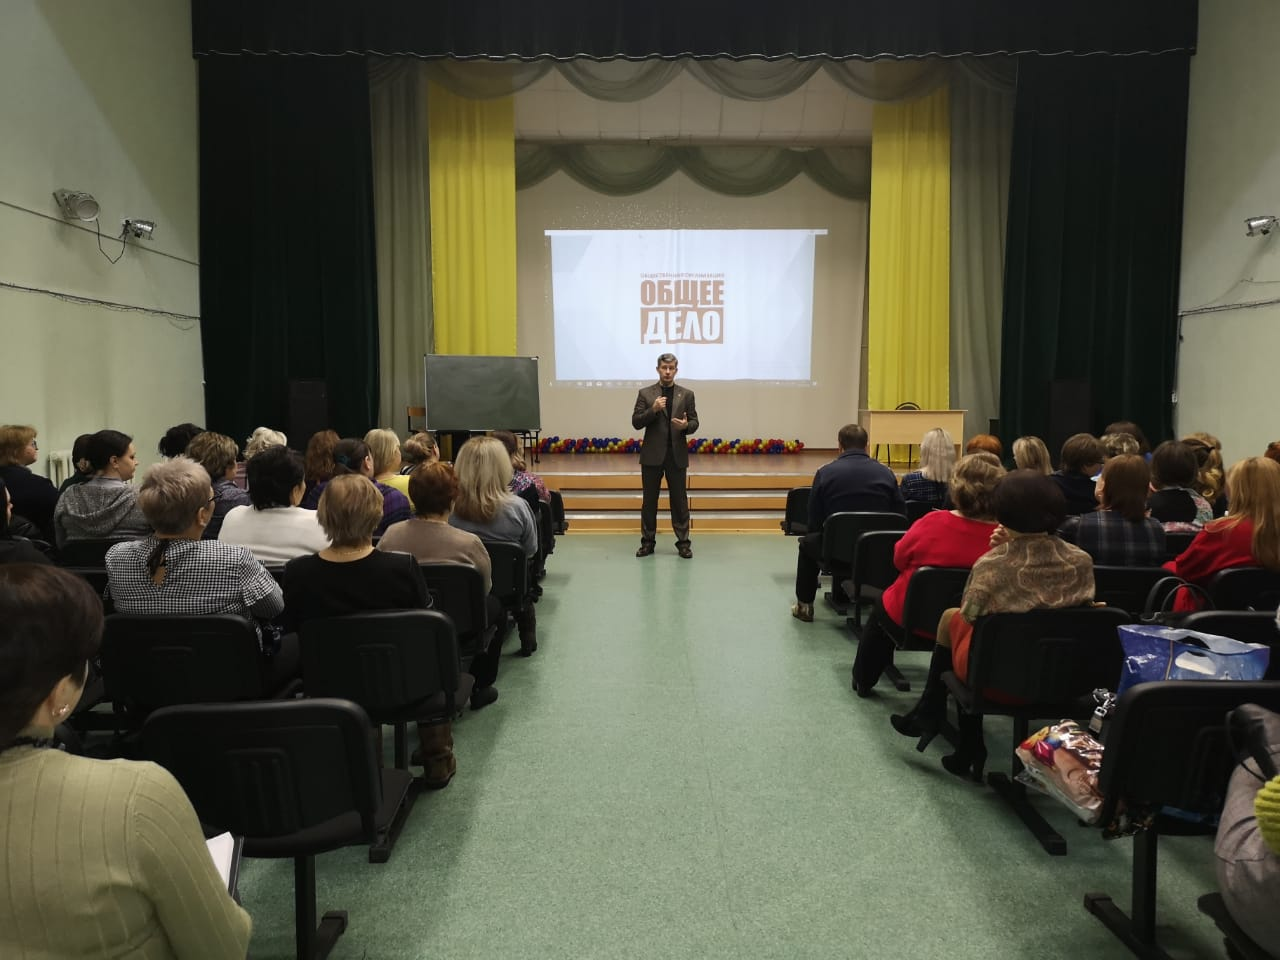 Общее дело на семинаре для педагогов в городе Алдан Республики Якутия